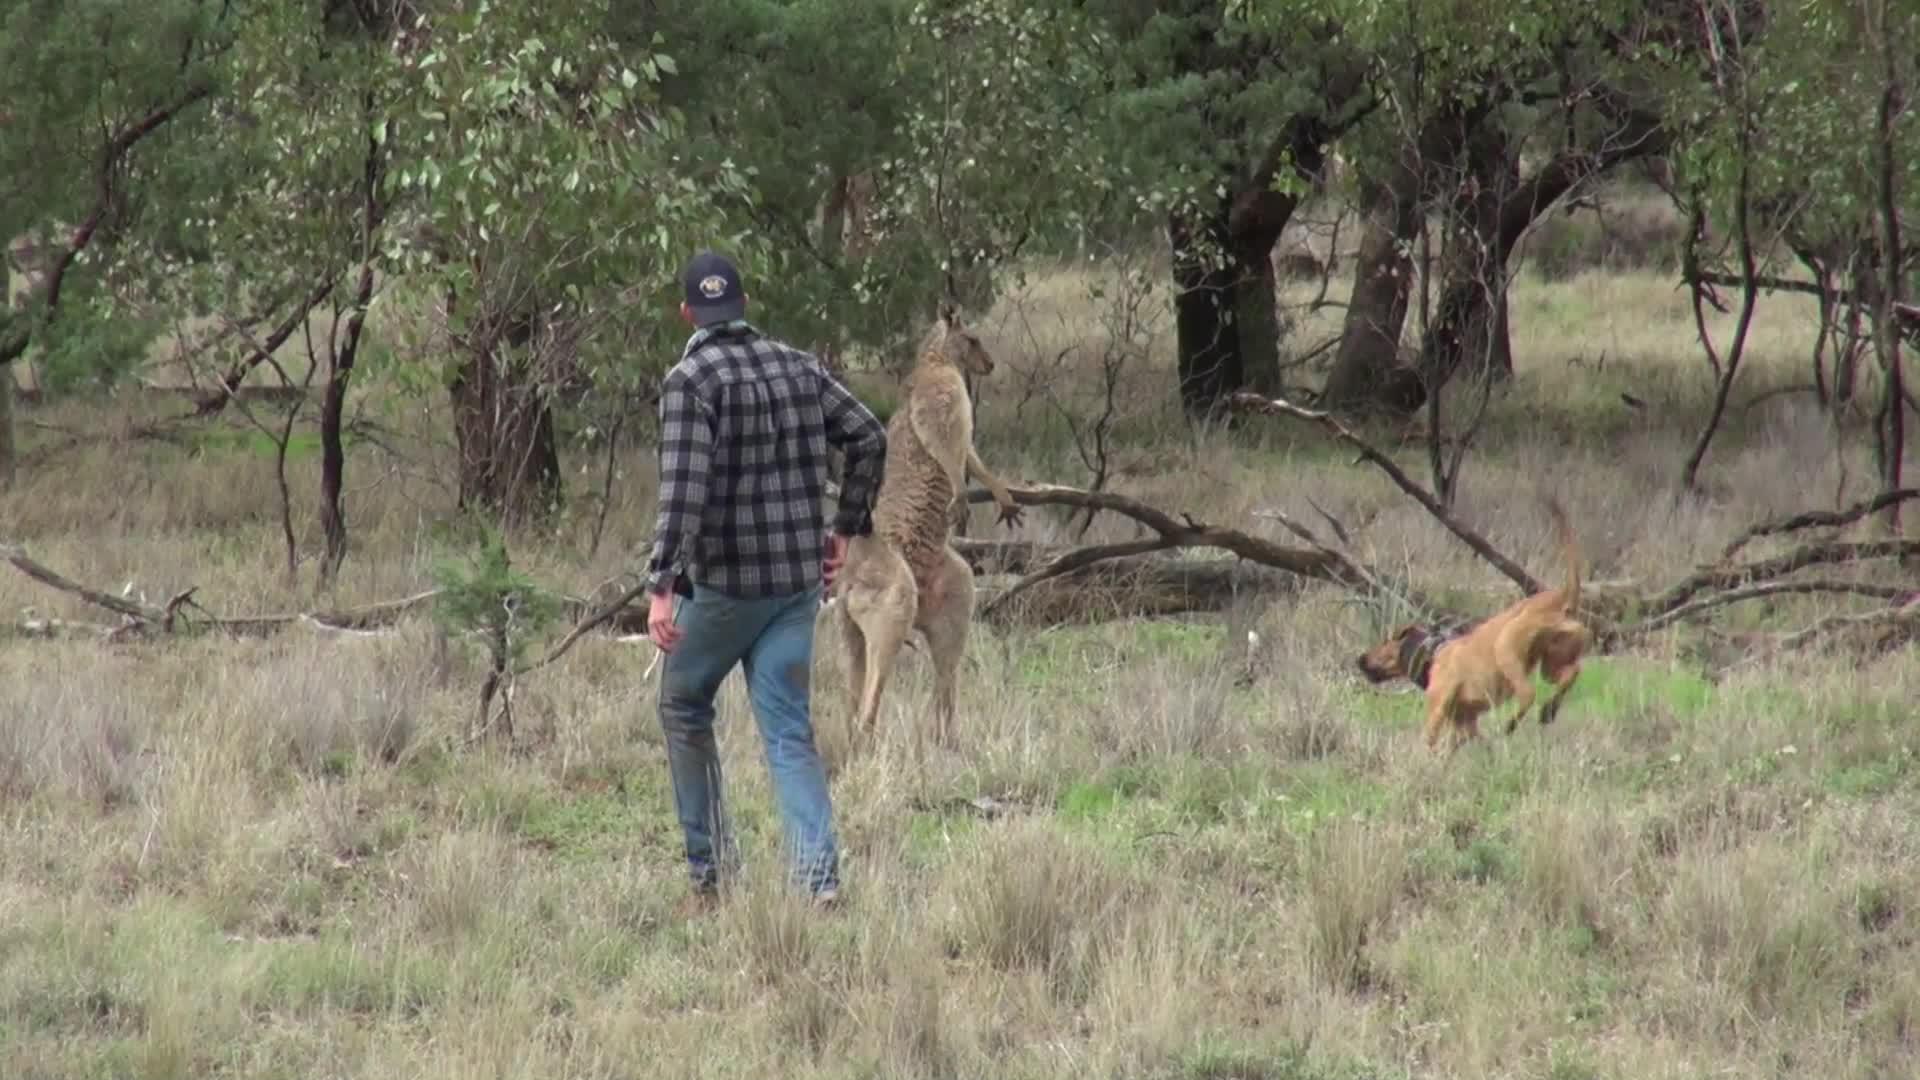 Greig slo kenguru i ansiktet for å redde hund